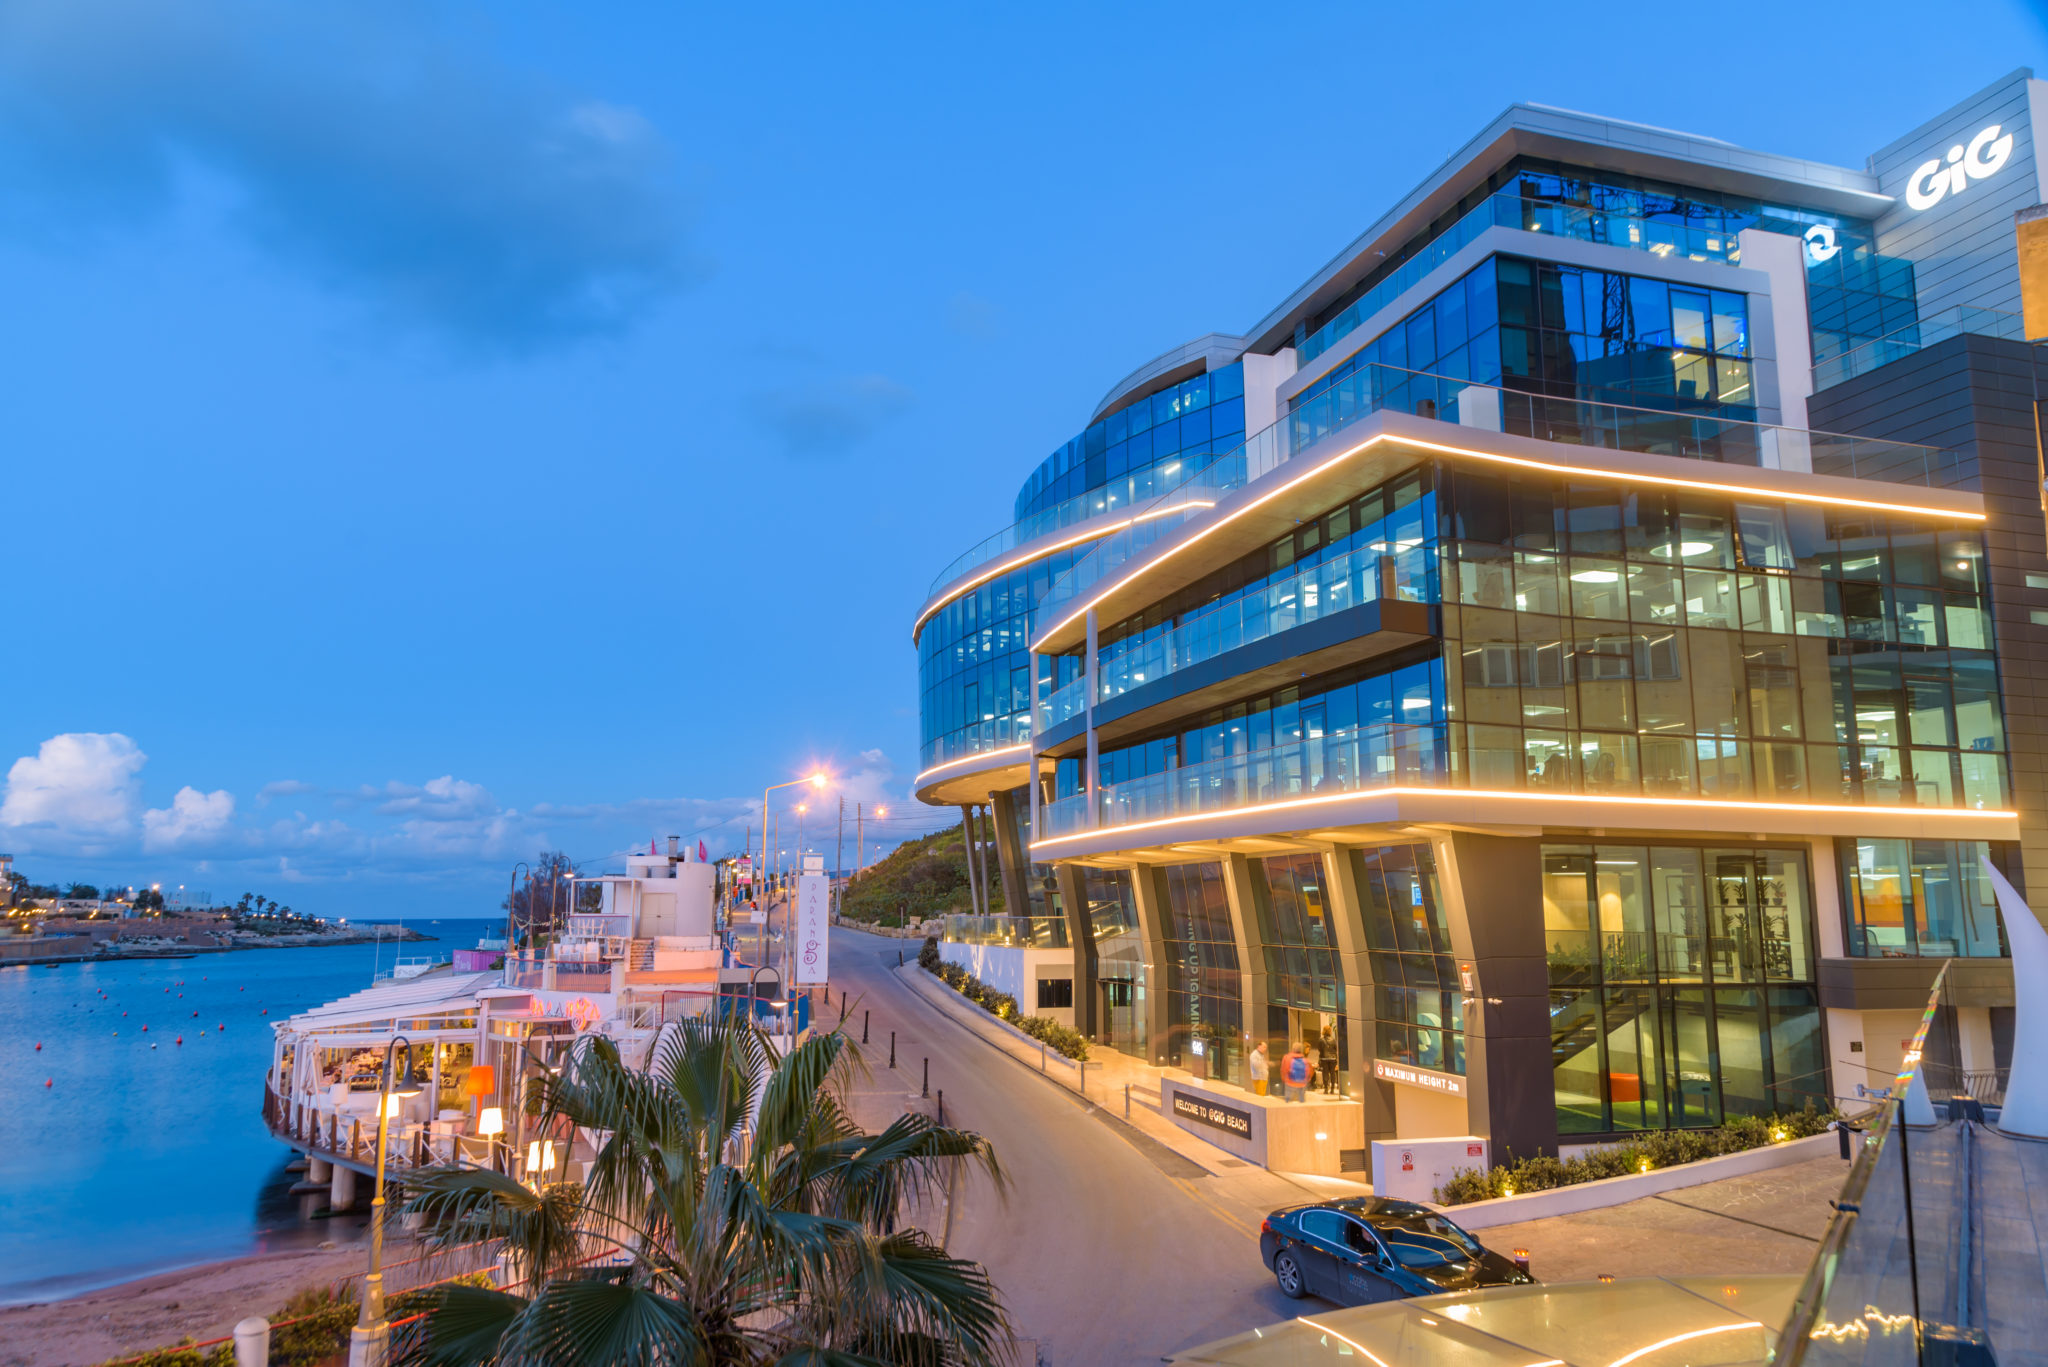 Exaclo Building Facade